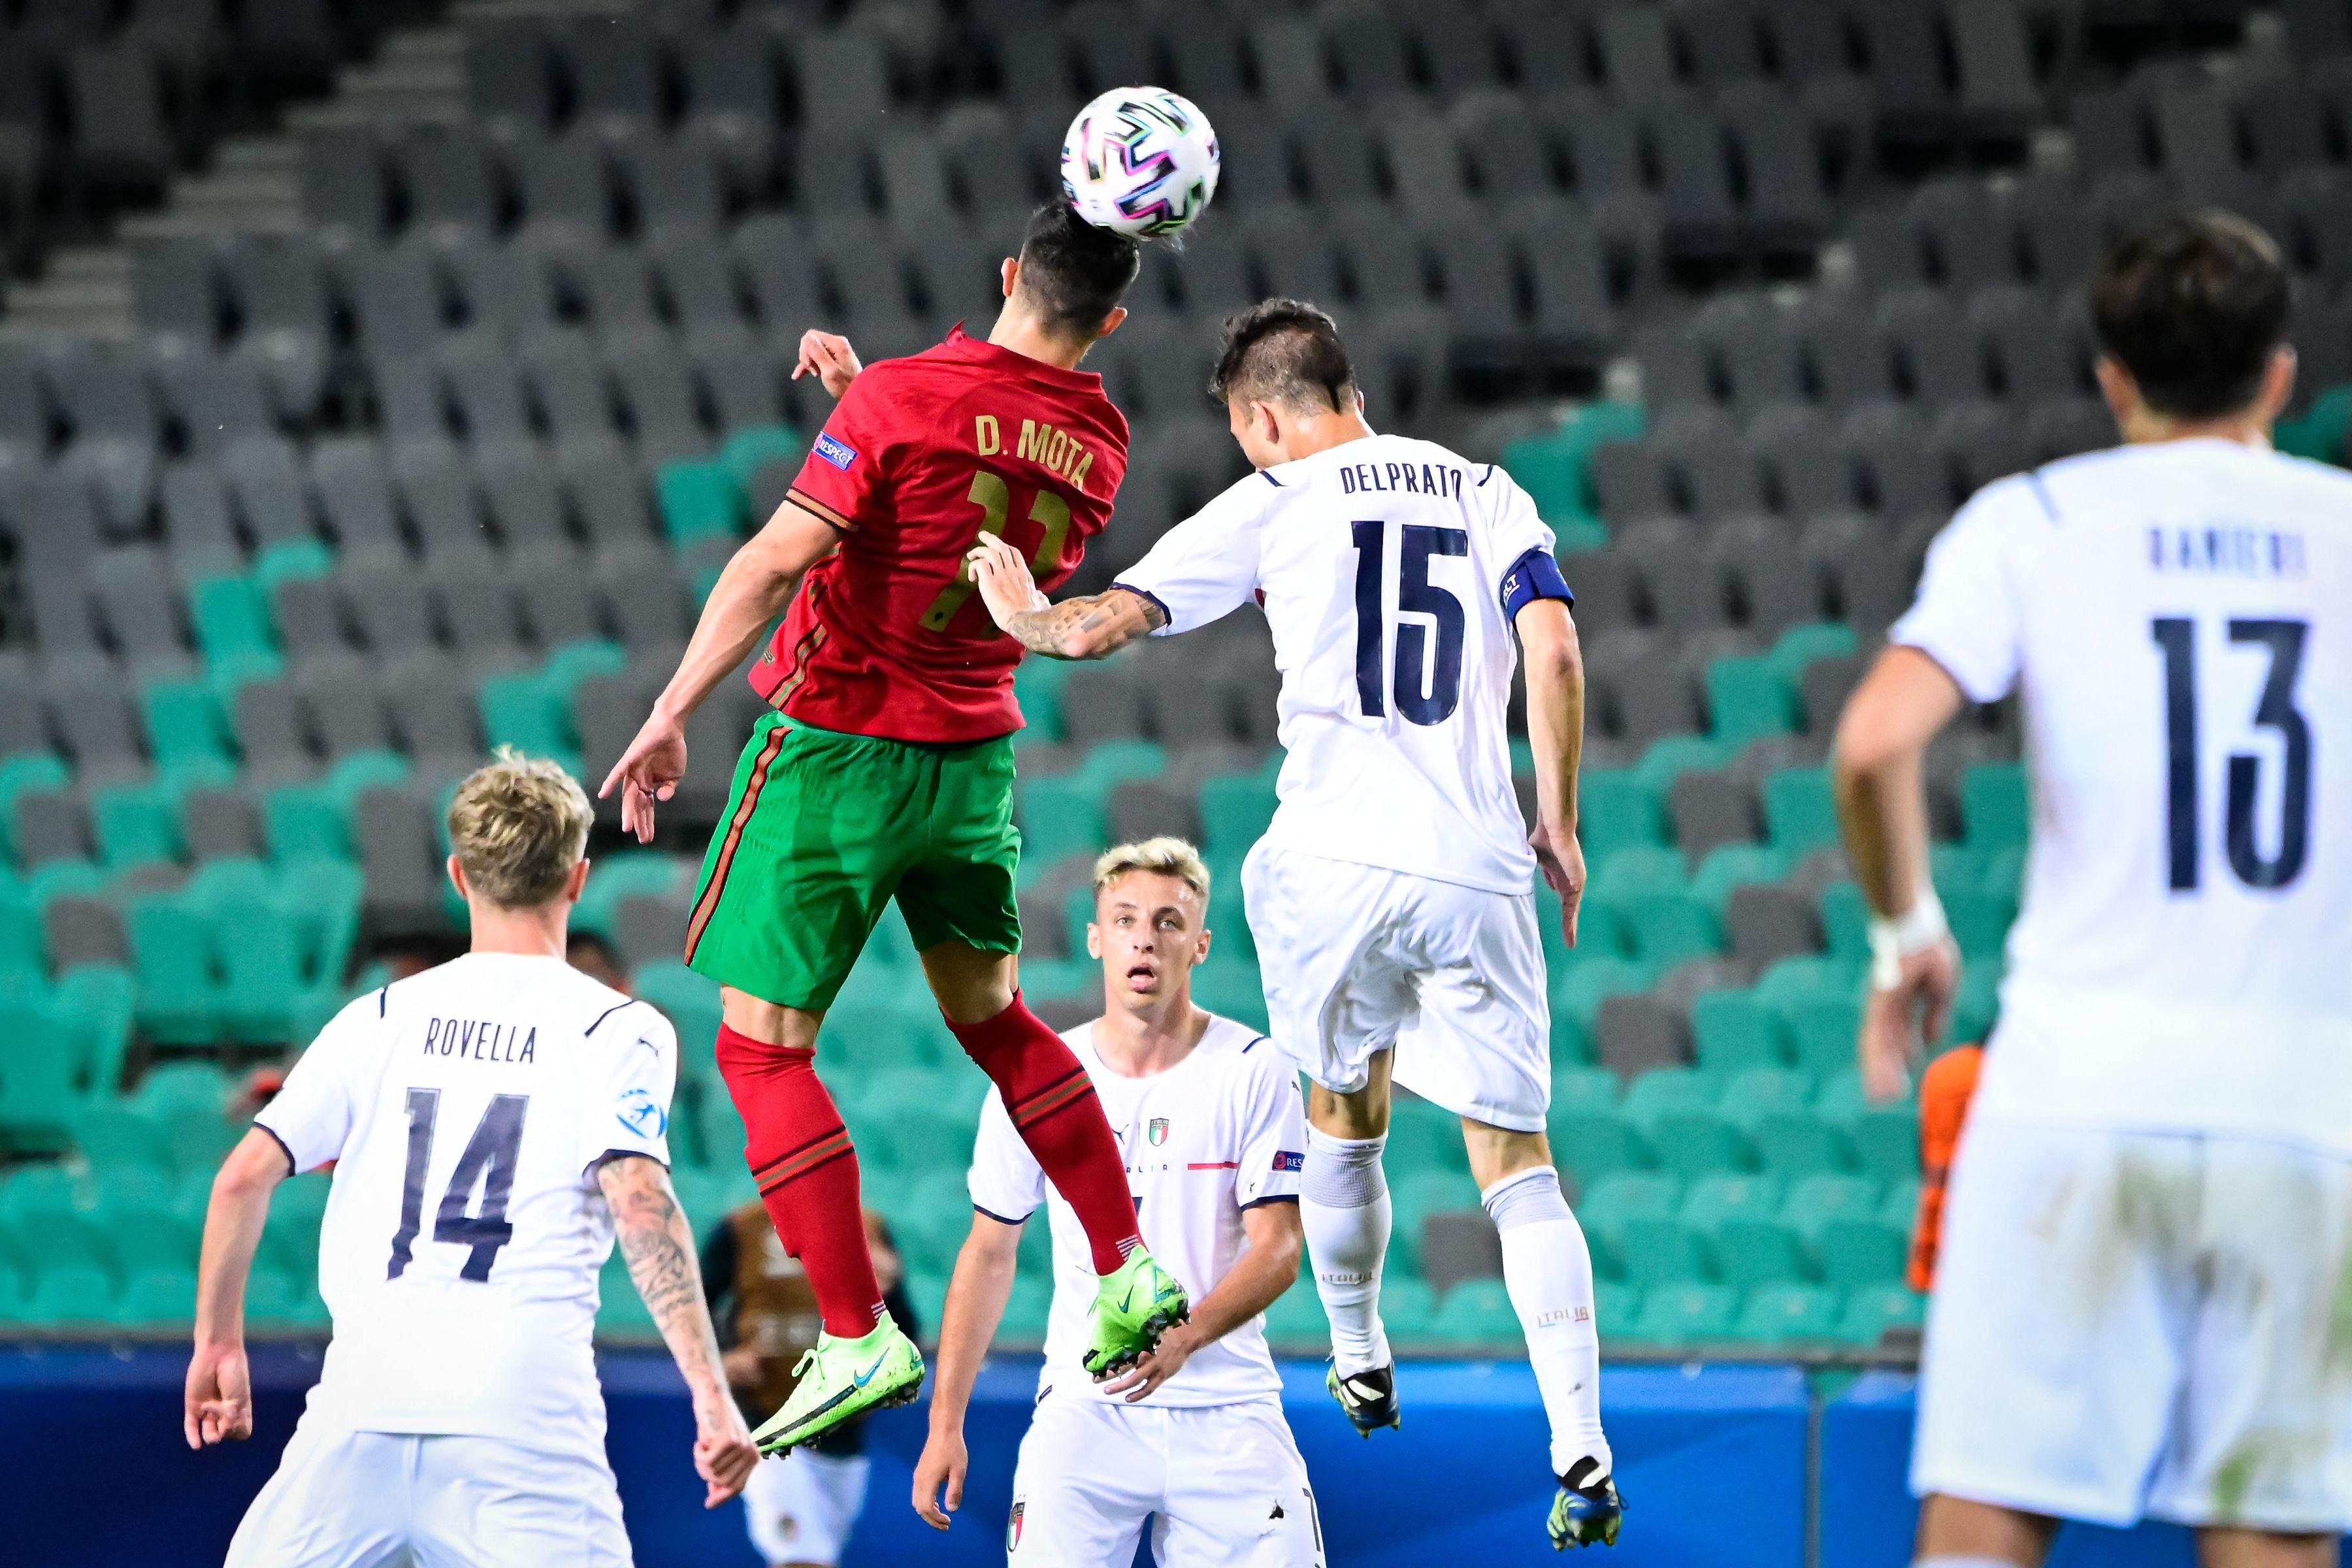 Nazionale Under 20, programmata amichevole contro la Serbia il 6 settembre